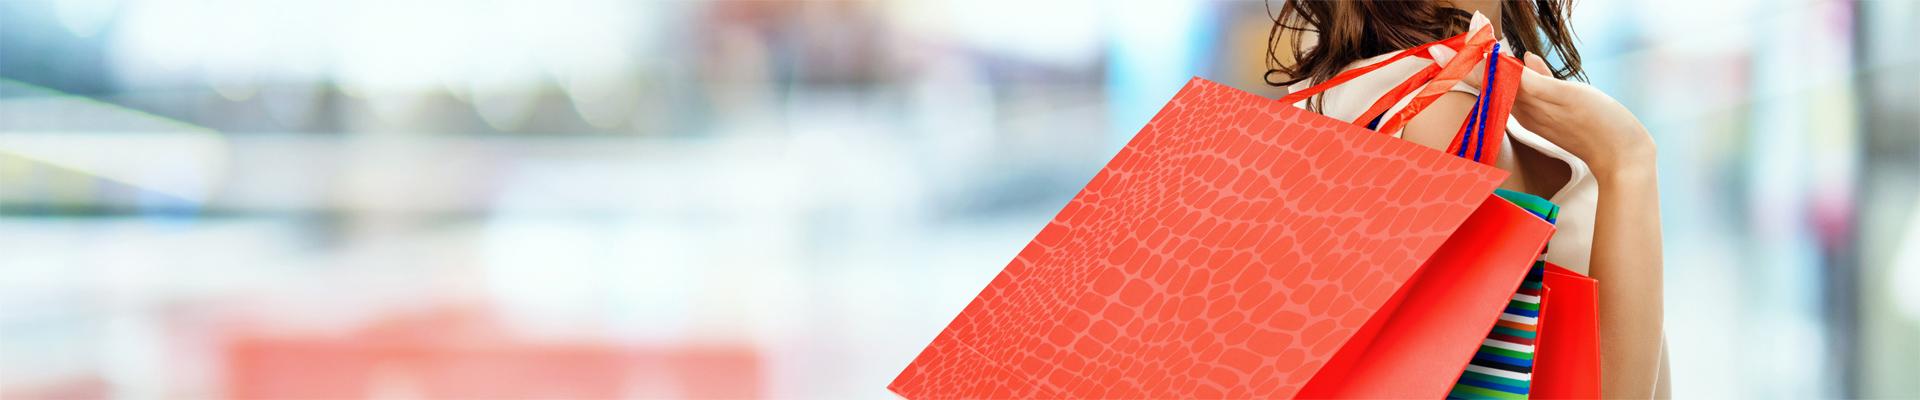 Abocard - die Vorteilskarte